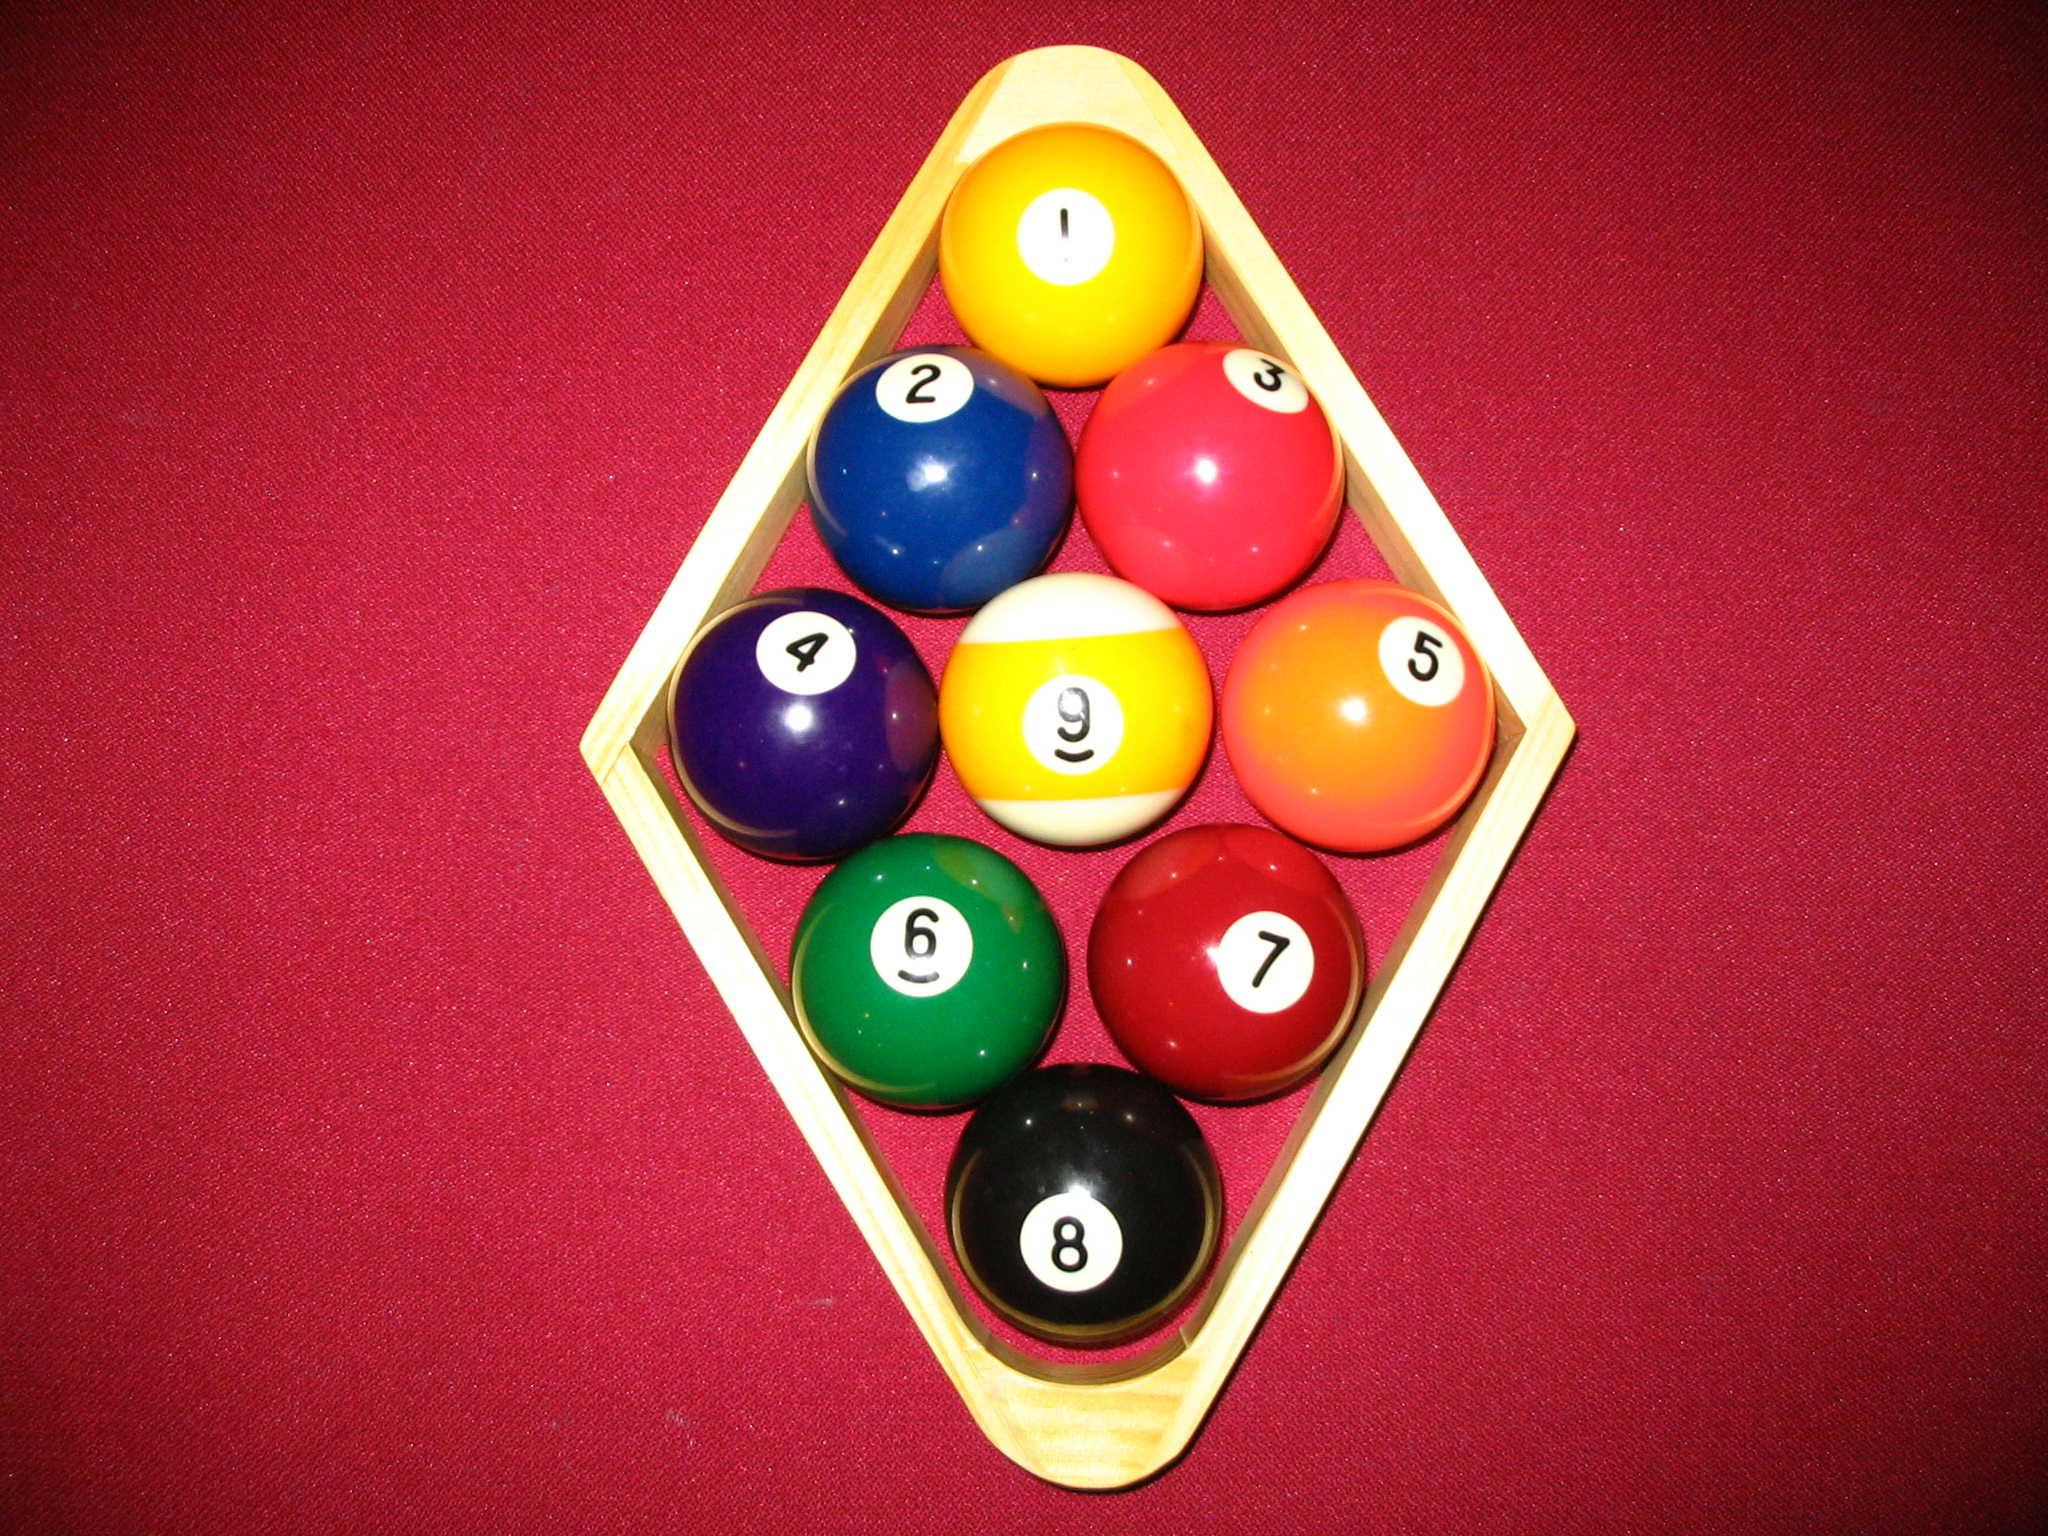 Billard 9 Ball